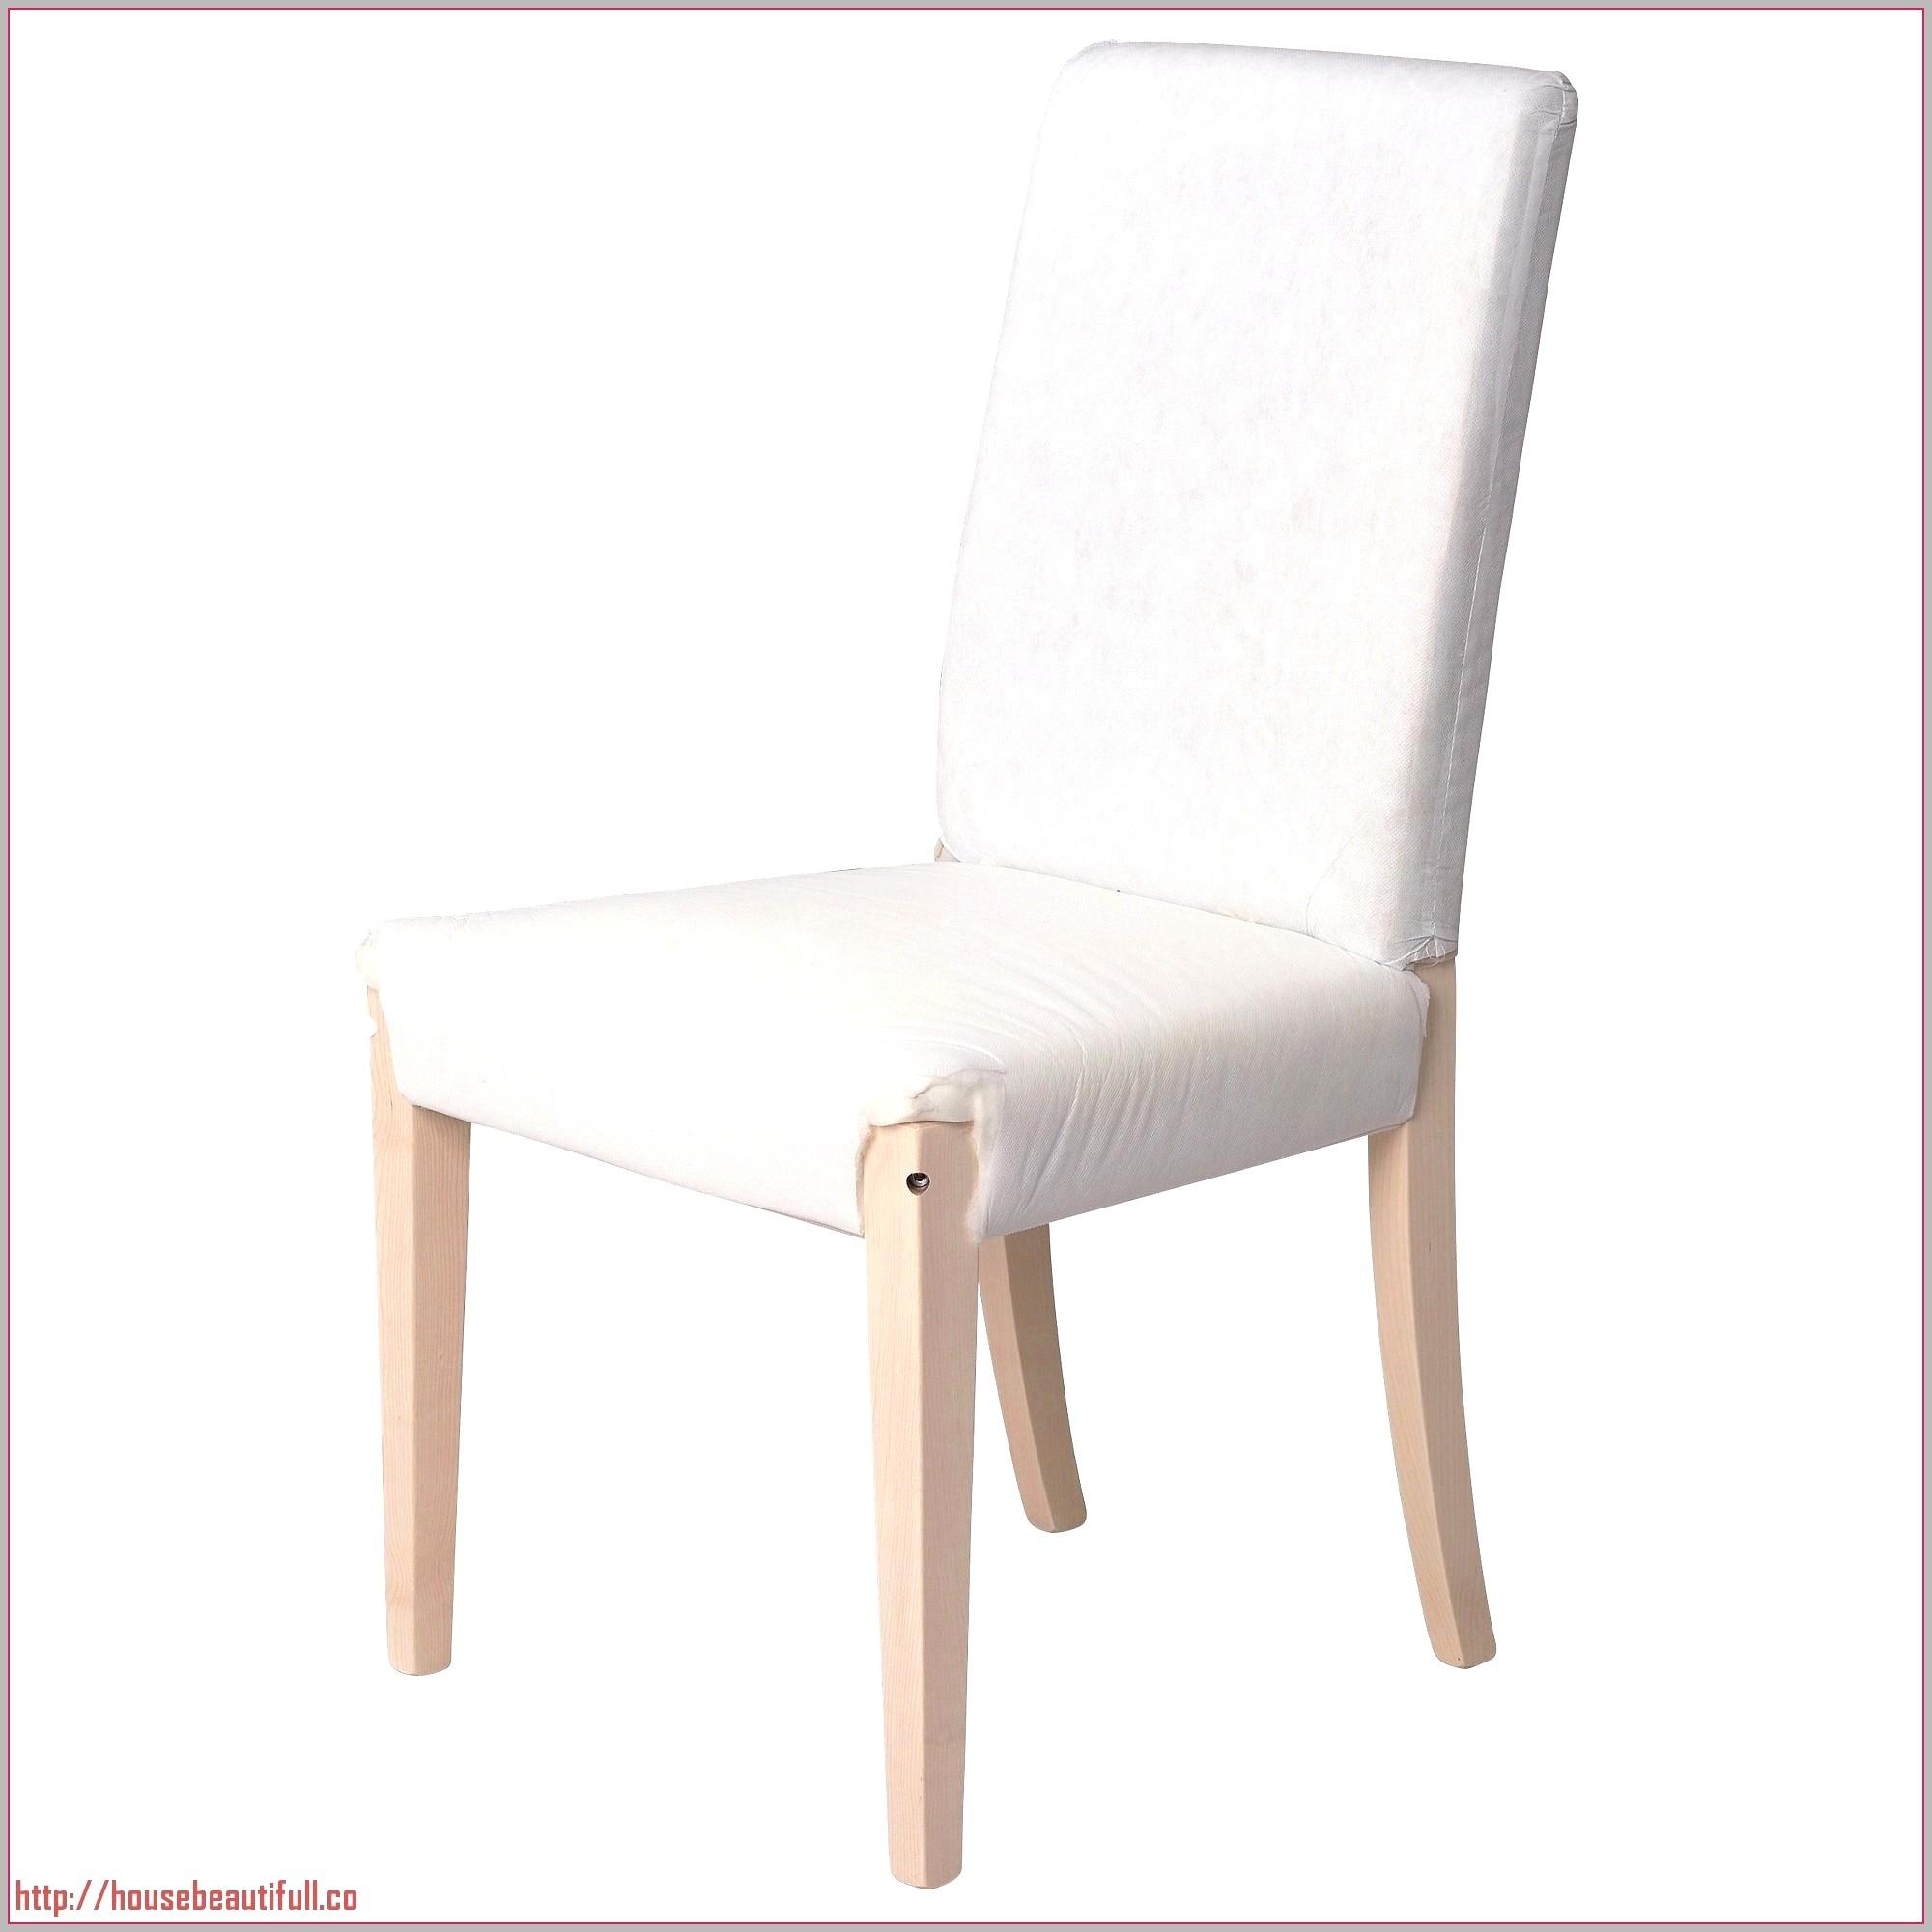 fauteuil jardin ikea gris nancy dennismfg avec cool chaise de dedans table et cuisine with 5 27 2000x2000px random bar rangement